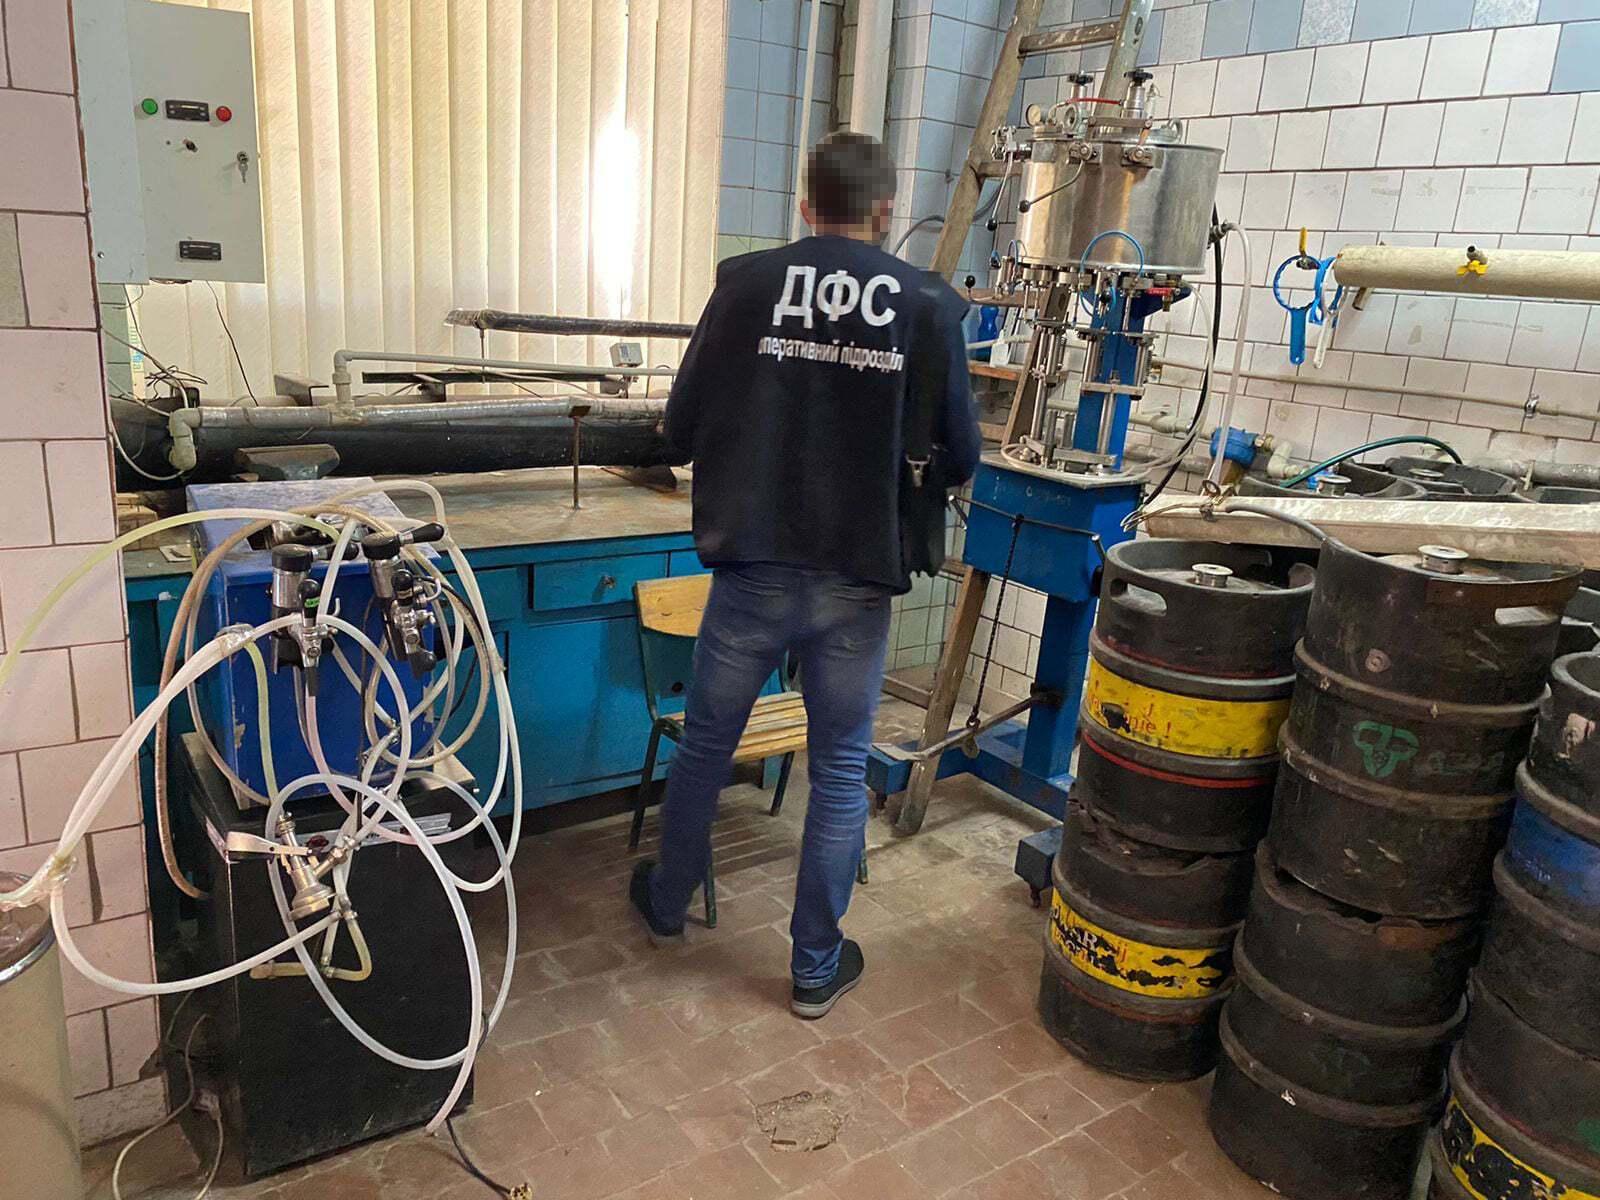 Сидр виготовляли, змішуючи різноманітні концентровані ароматизатори та барвники з водою і спиртом